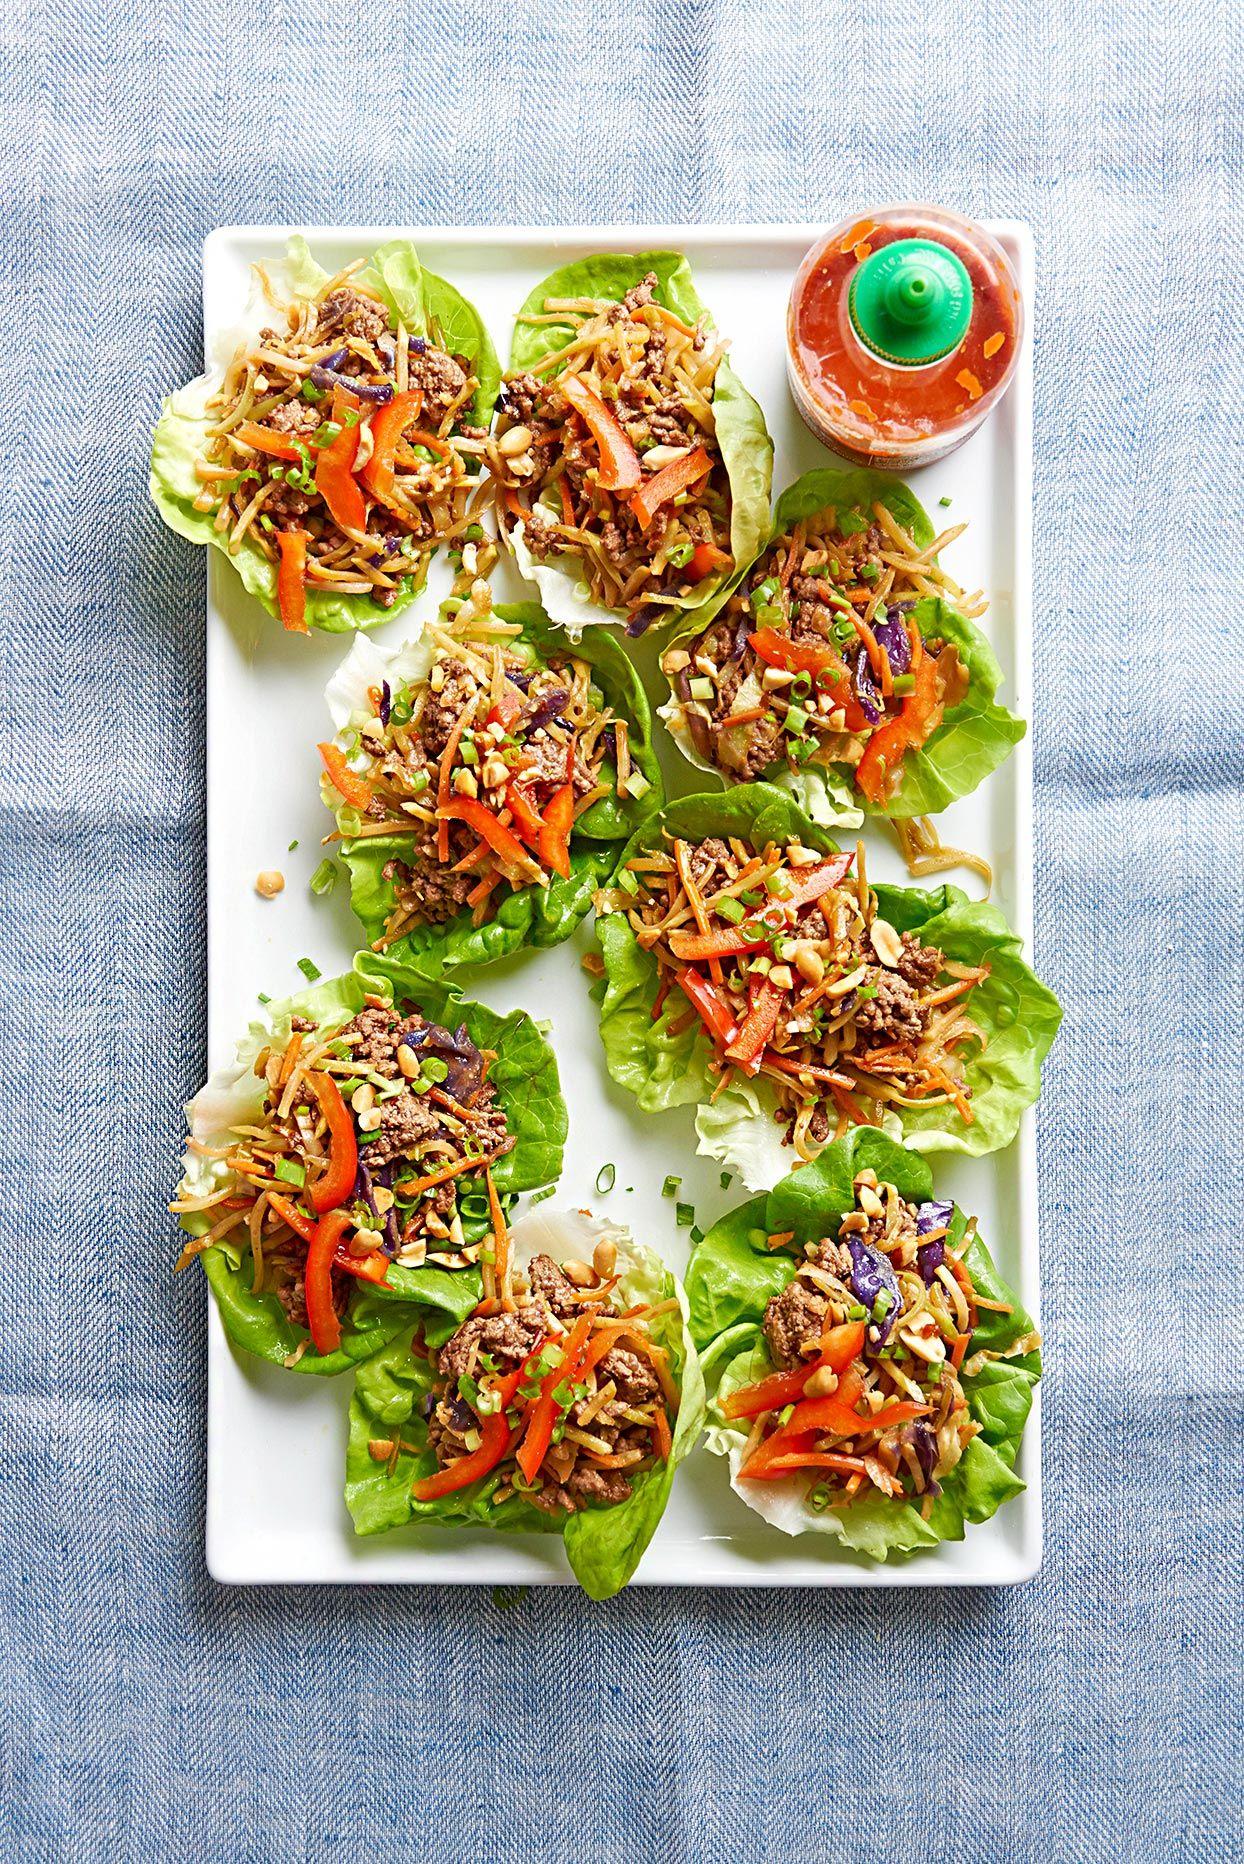 Korean Beef Lettuce Wraps Recipe In 2020 Ground Beef Recipes Healthy Healthy Ground Beef Ground Beef Recipes